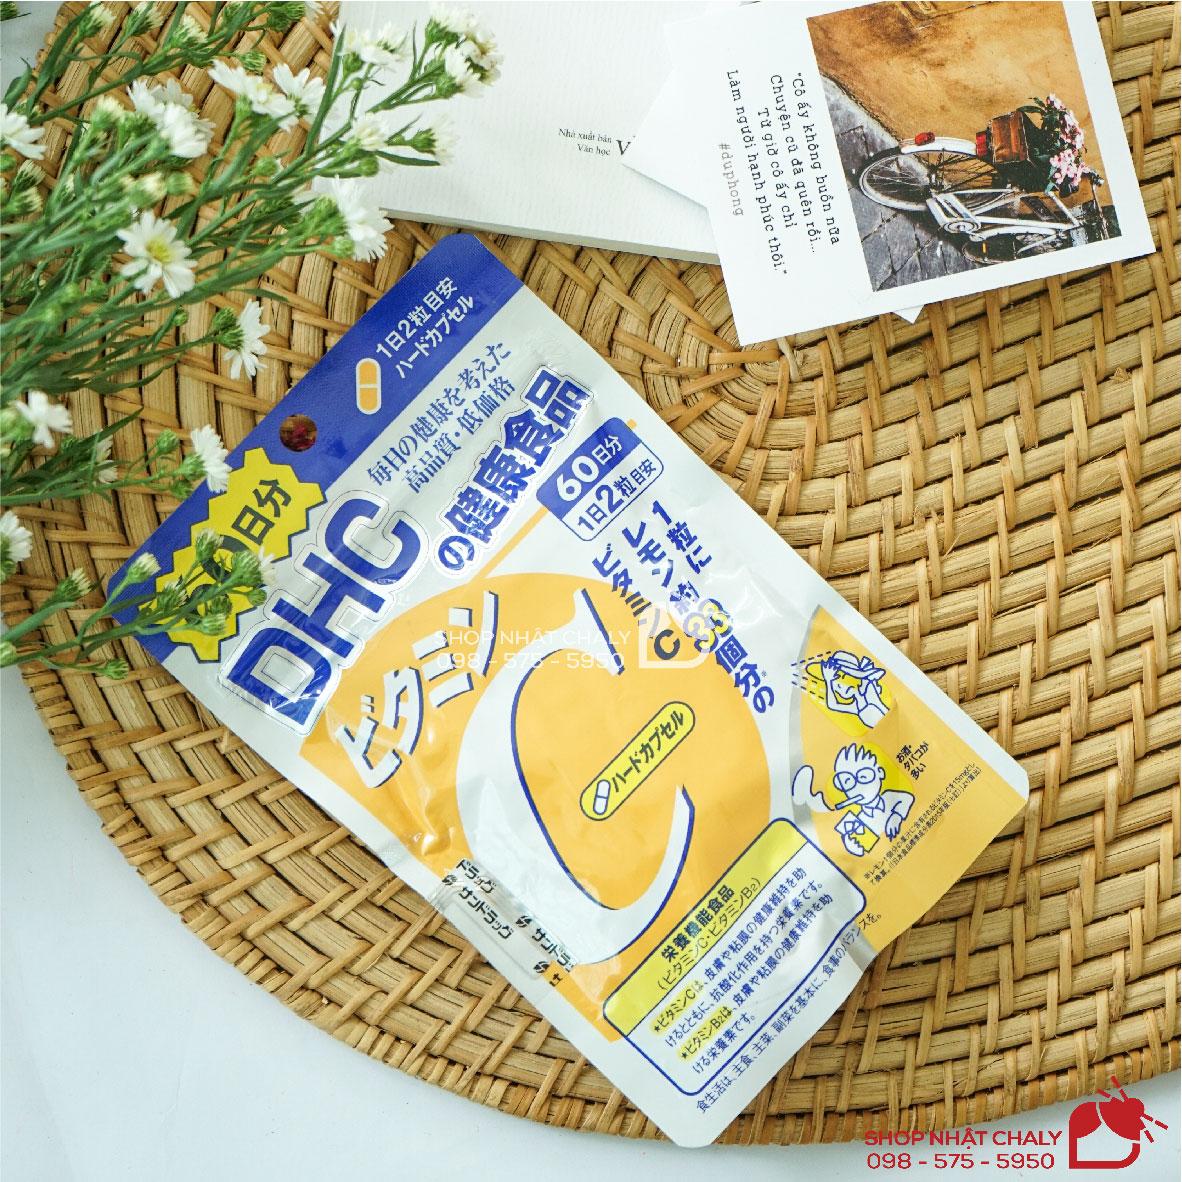 Viên uống vitamin c dhc nhật bổ sung hàm lượng 500mg vitamin c thiên nhiên mỗi viên, giúp dưỡng trắng da mờ thâm rất hiệu quả